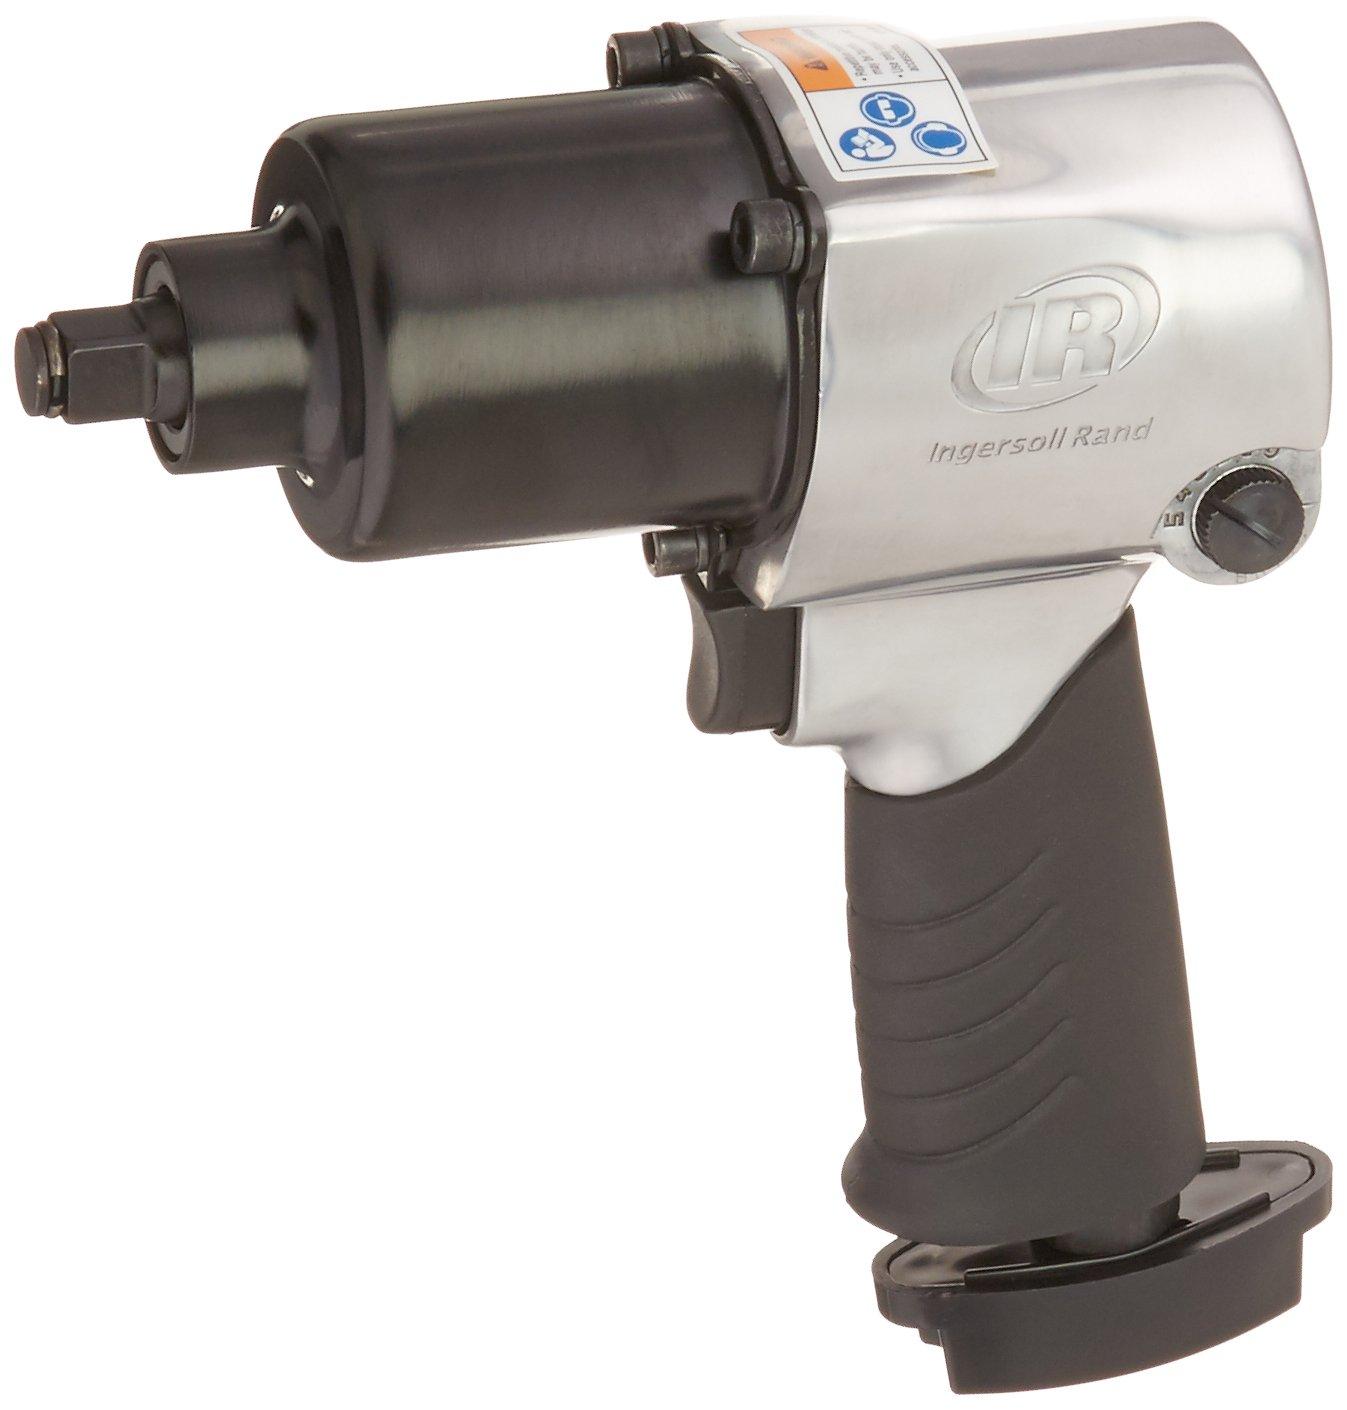 Ingersoll Rand 231G Edge Series 1/2-Inch Air Impactool